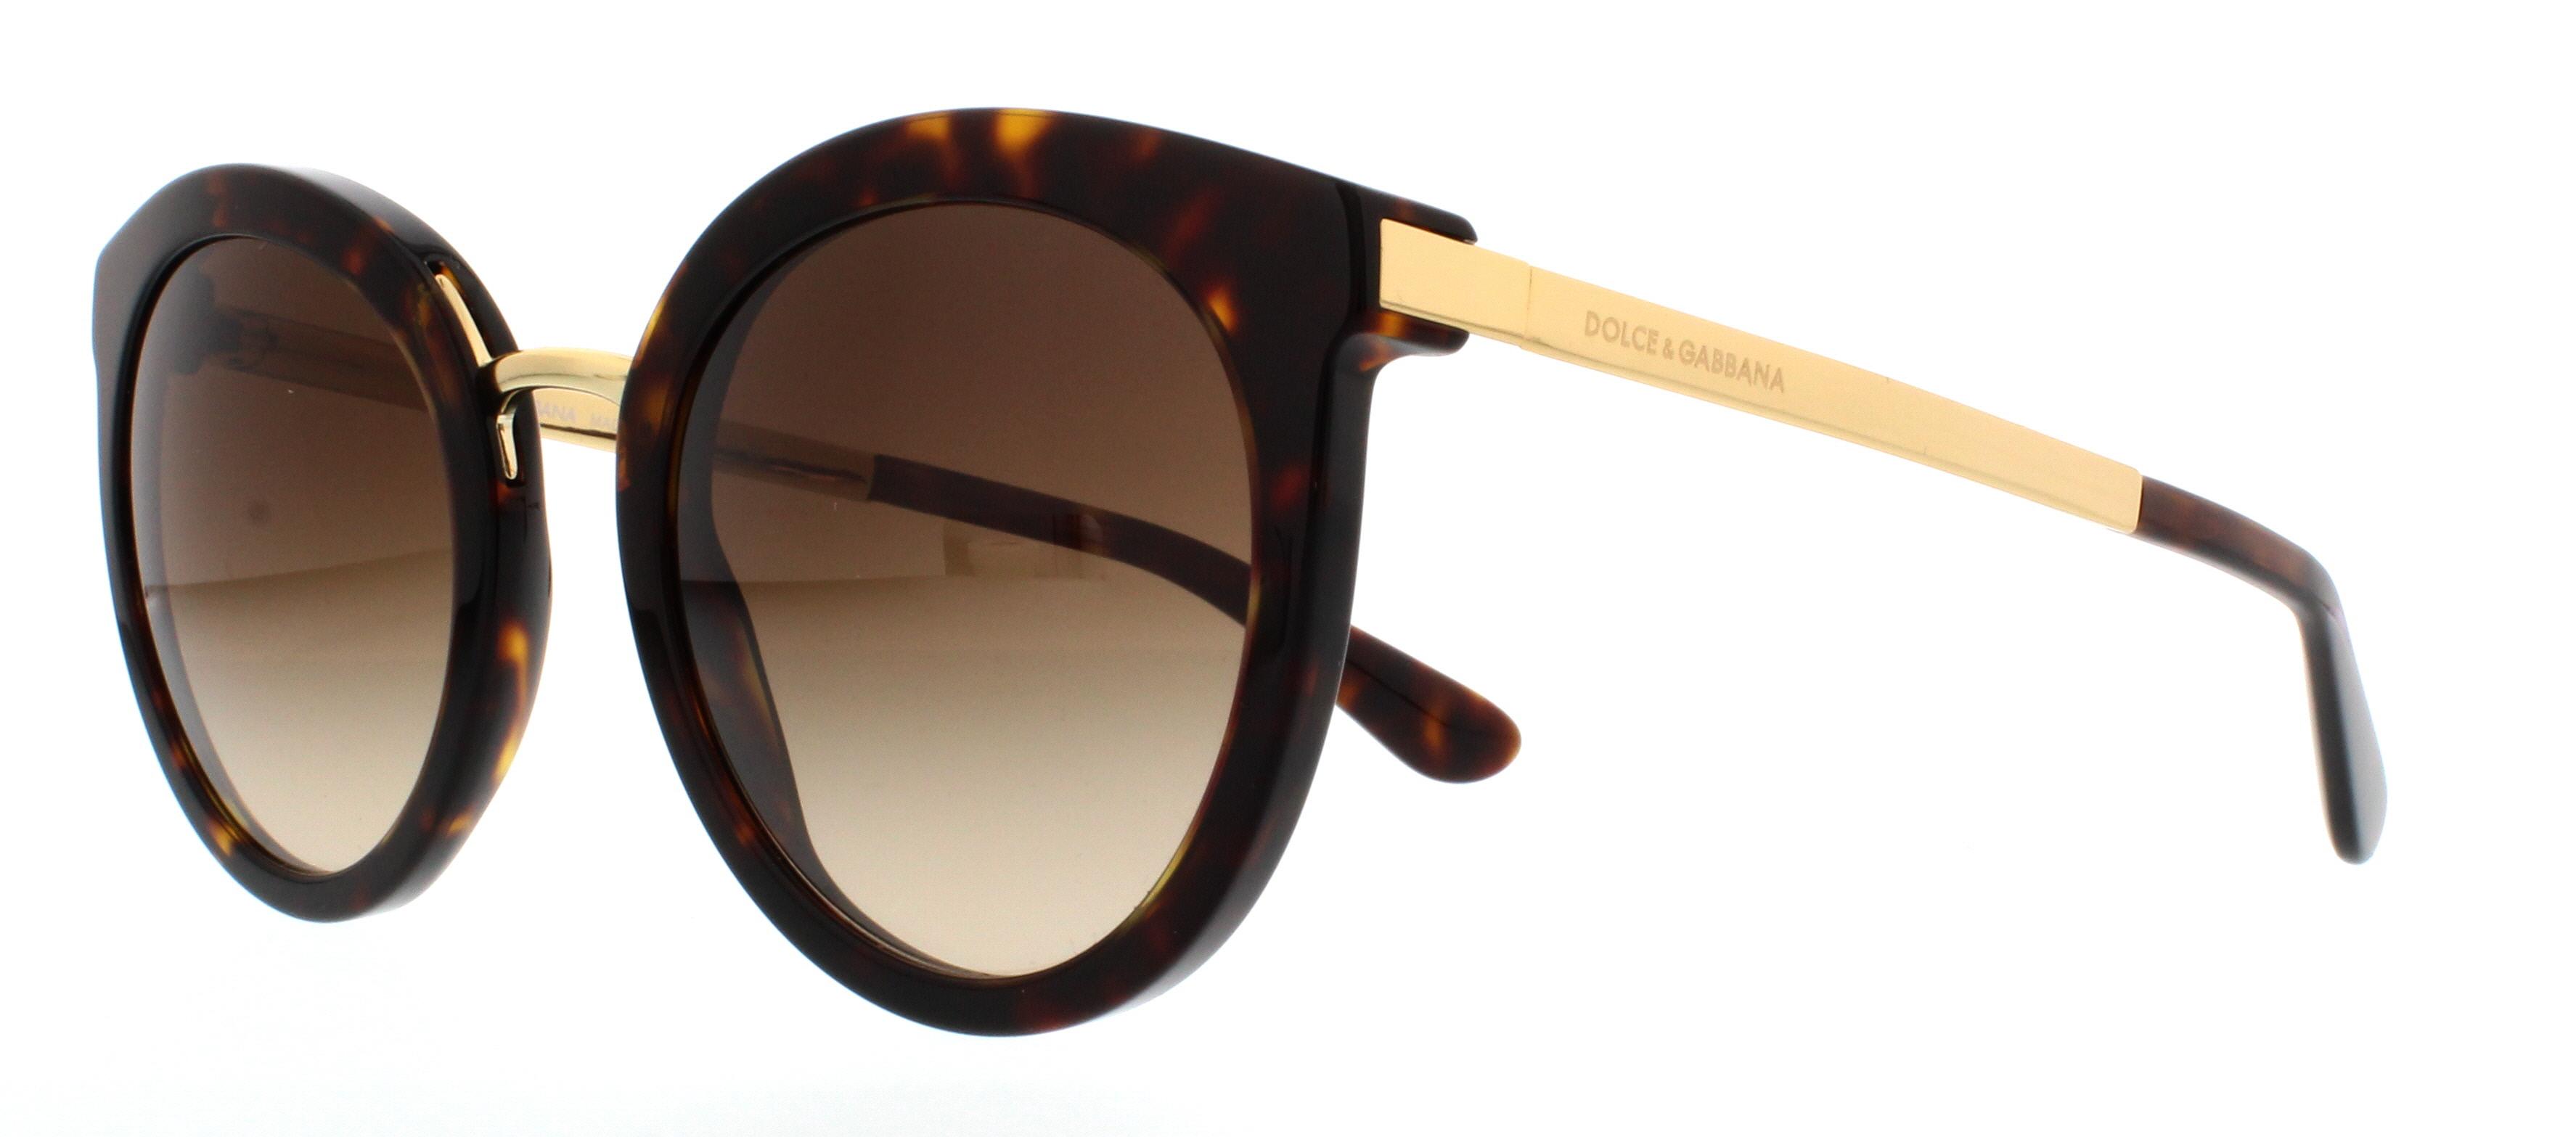 Dolce and Gabbana DG4268 Sonnenbrille Tortoise und Gold 50213 52mm g04FkRt90